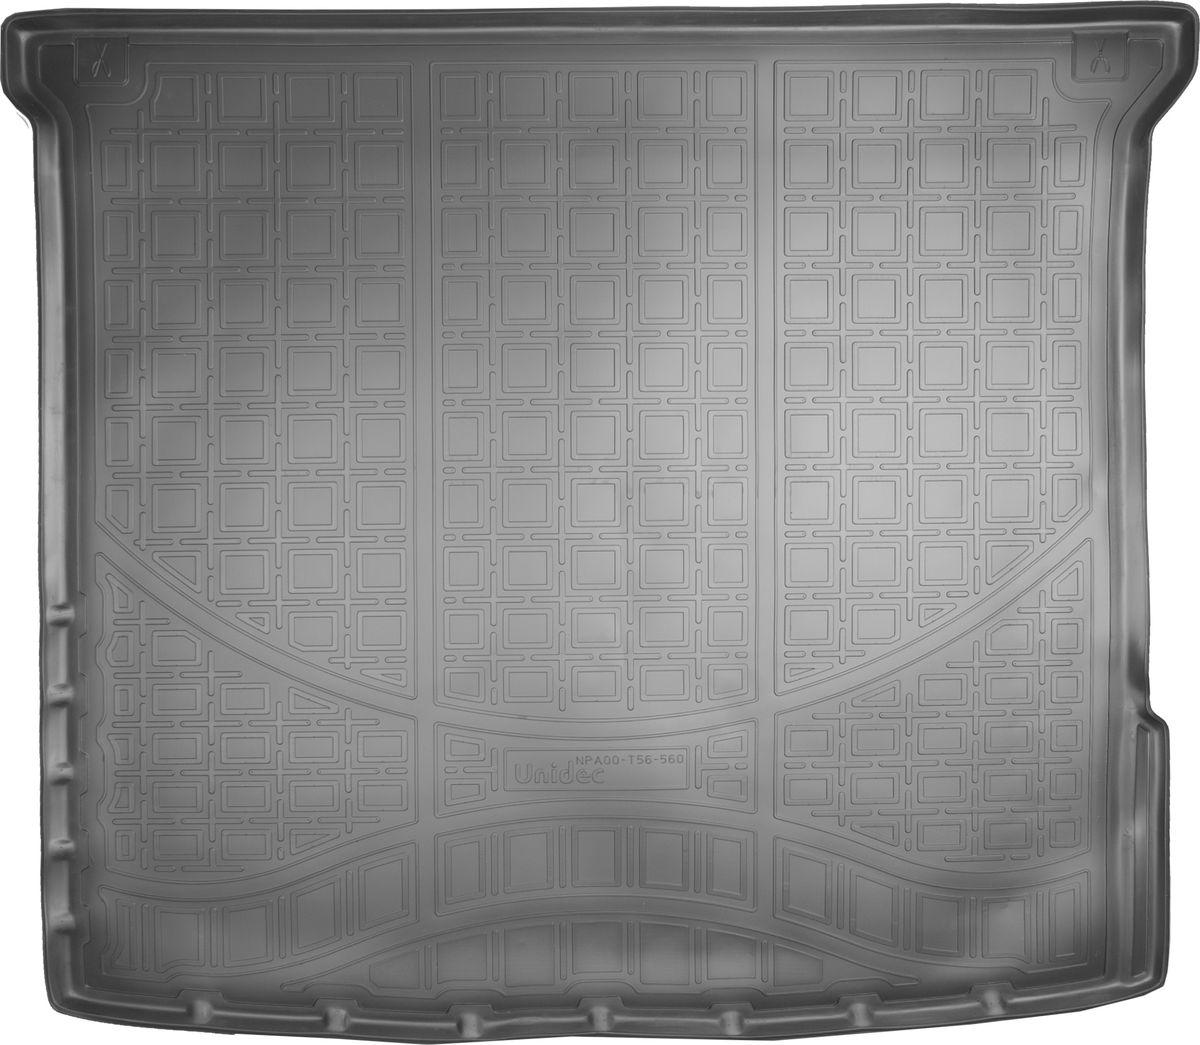 Ковер автомобильный NorPlast, в багажник, для Mercedes-Benz M, 2012-, W166, полиуретанNPA00-T56-560Прочные и долговечные коврики в салон автомобиля NorPlast, изготовленный из высококачественного и экологичного сырья, полностью повторяет геометрию салона автомобиля. - Надежная система крепления, позволяющая закрепить коврик на штатные элементы фиксации, в результате чего отсутствует эффект скольжения по салону автомобиля. - Высокая стойкость поверхности к стиранию. - Специализированный рисунок и высокий борт, препятствующие распространению грязи и жидкости по поверхности коврика. - Перемычка задних ковриков в комплекте предотвращает загрязнение тоннеля карданного вала. - Произведены из первичных материалов, в результате чего отсутствует неприятный запах в салоне автомобиля. - Высокая эластичность, можно беспрепятственно эксплуатировать при температуре от -45°C до +45°C.